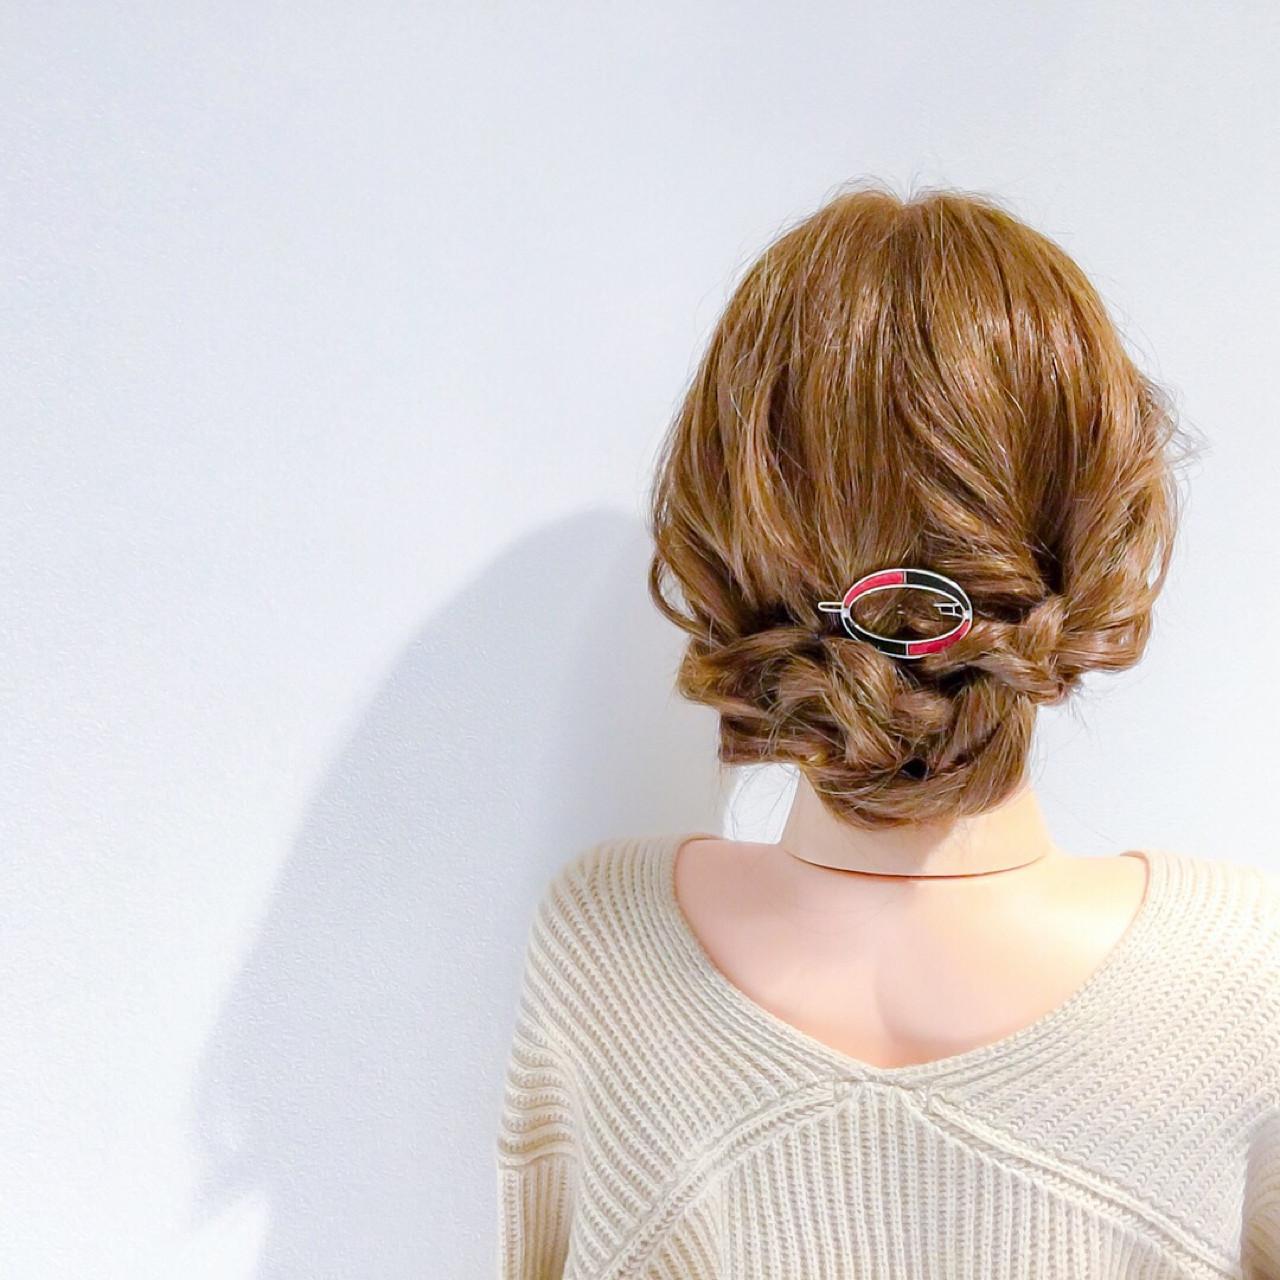 アウトドア 結婚式 フェミニン ヘアアレンジ ヘアスタイルや髪型の写真・画像 | 美容師HIRO/Amoute代表 / Amoute/アムティ